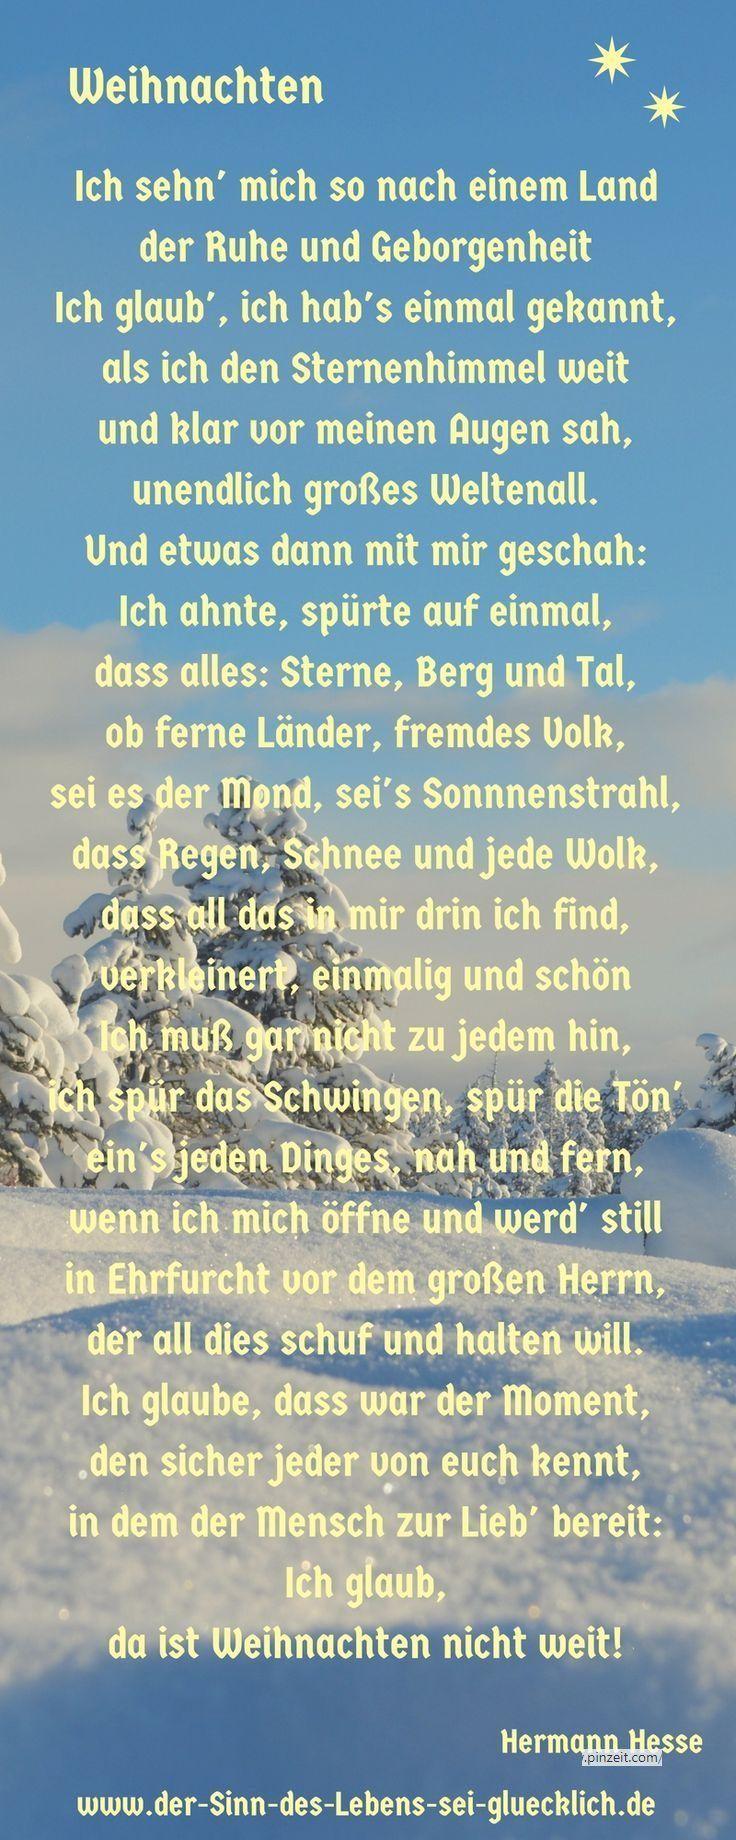 Weihnachtsgedicht: #weihnachtsgedicht Von Hermann Hesse bei Christliche Weihnachtsgedichte Für Kinder